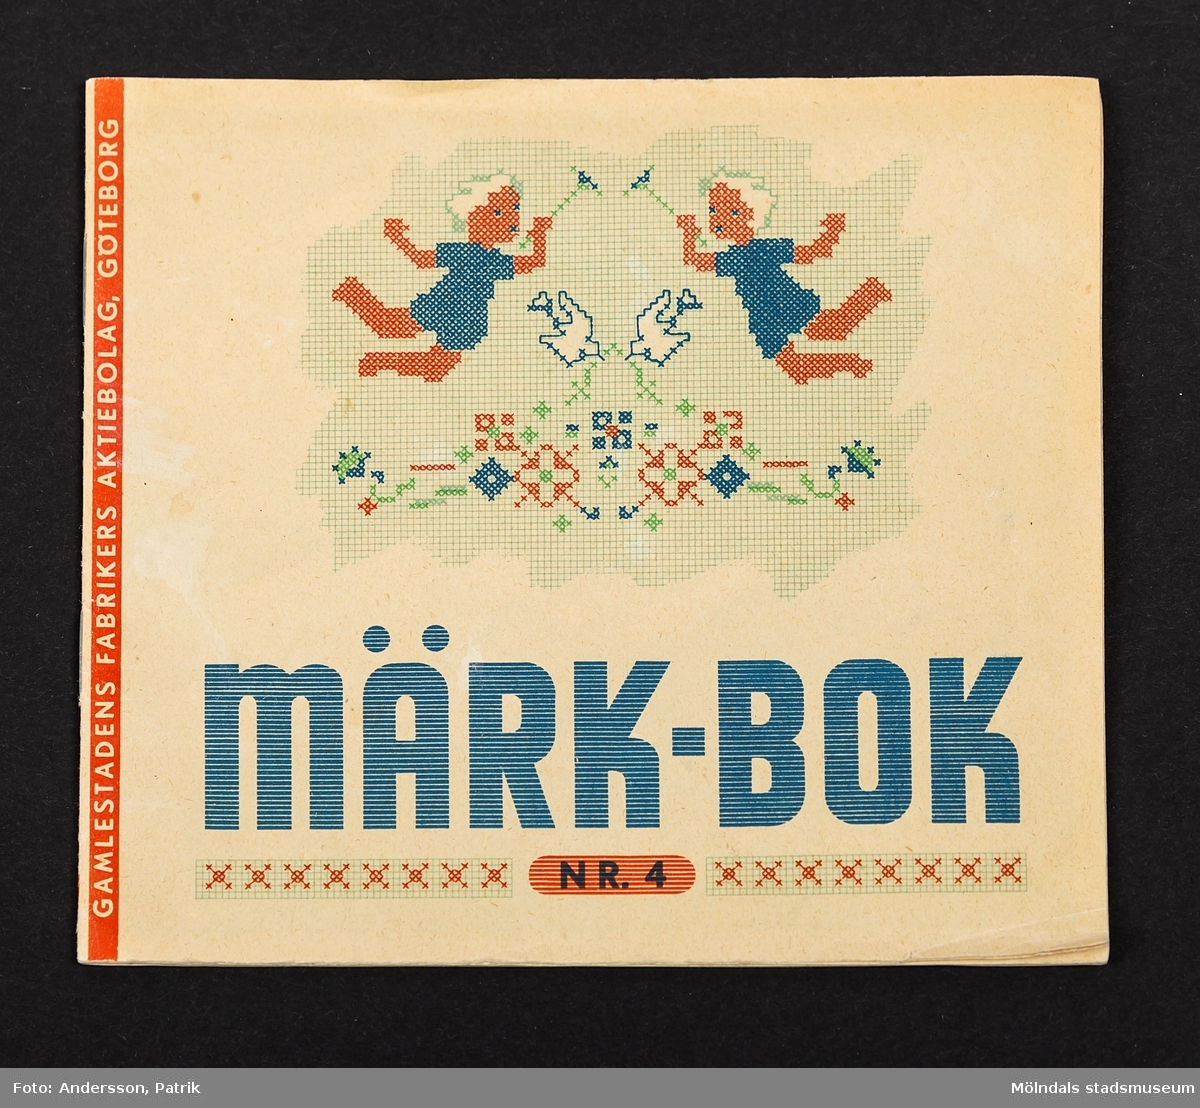 Märk-bok nr 4, från Gamlestadens fabriker Aktiebolag (reklamhäfte).  Vit framsida med en ilustration i form av mönster till ett korstyngsbroderi. Häftets titel är tryckt i blått. Häftet innehåller mönster och mallar för broderi, tänkta att smycka lakan och örngott.